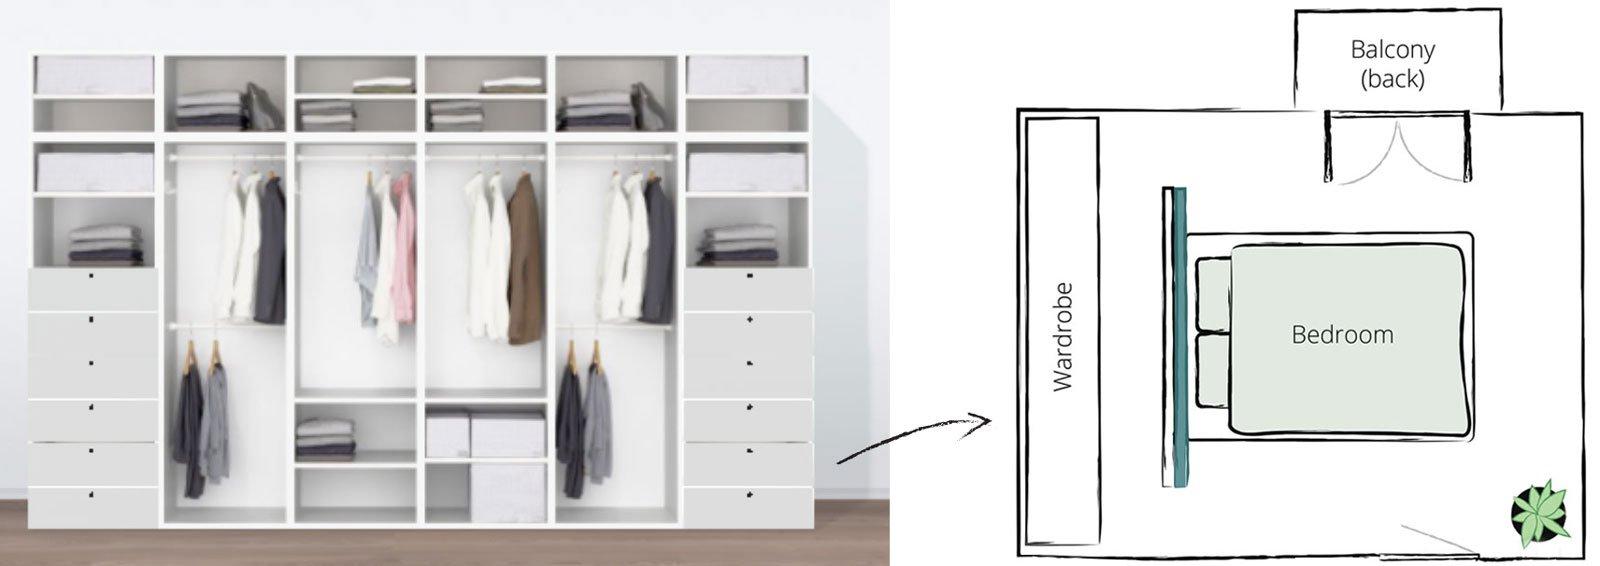 scandinavianfeeling home plan wardrobe bedroom